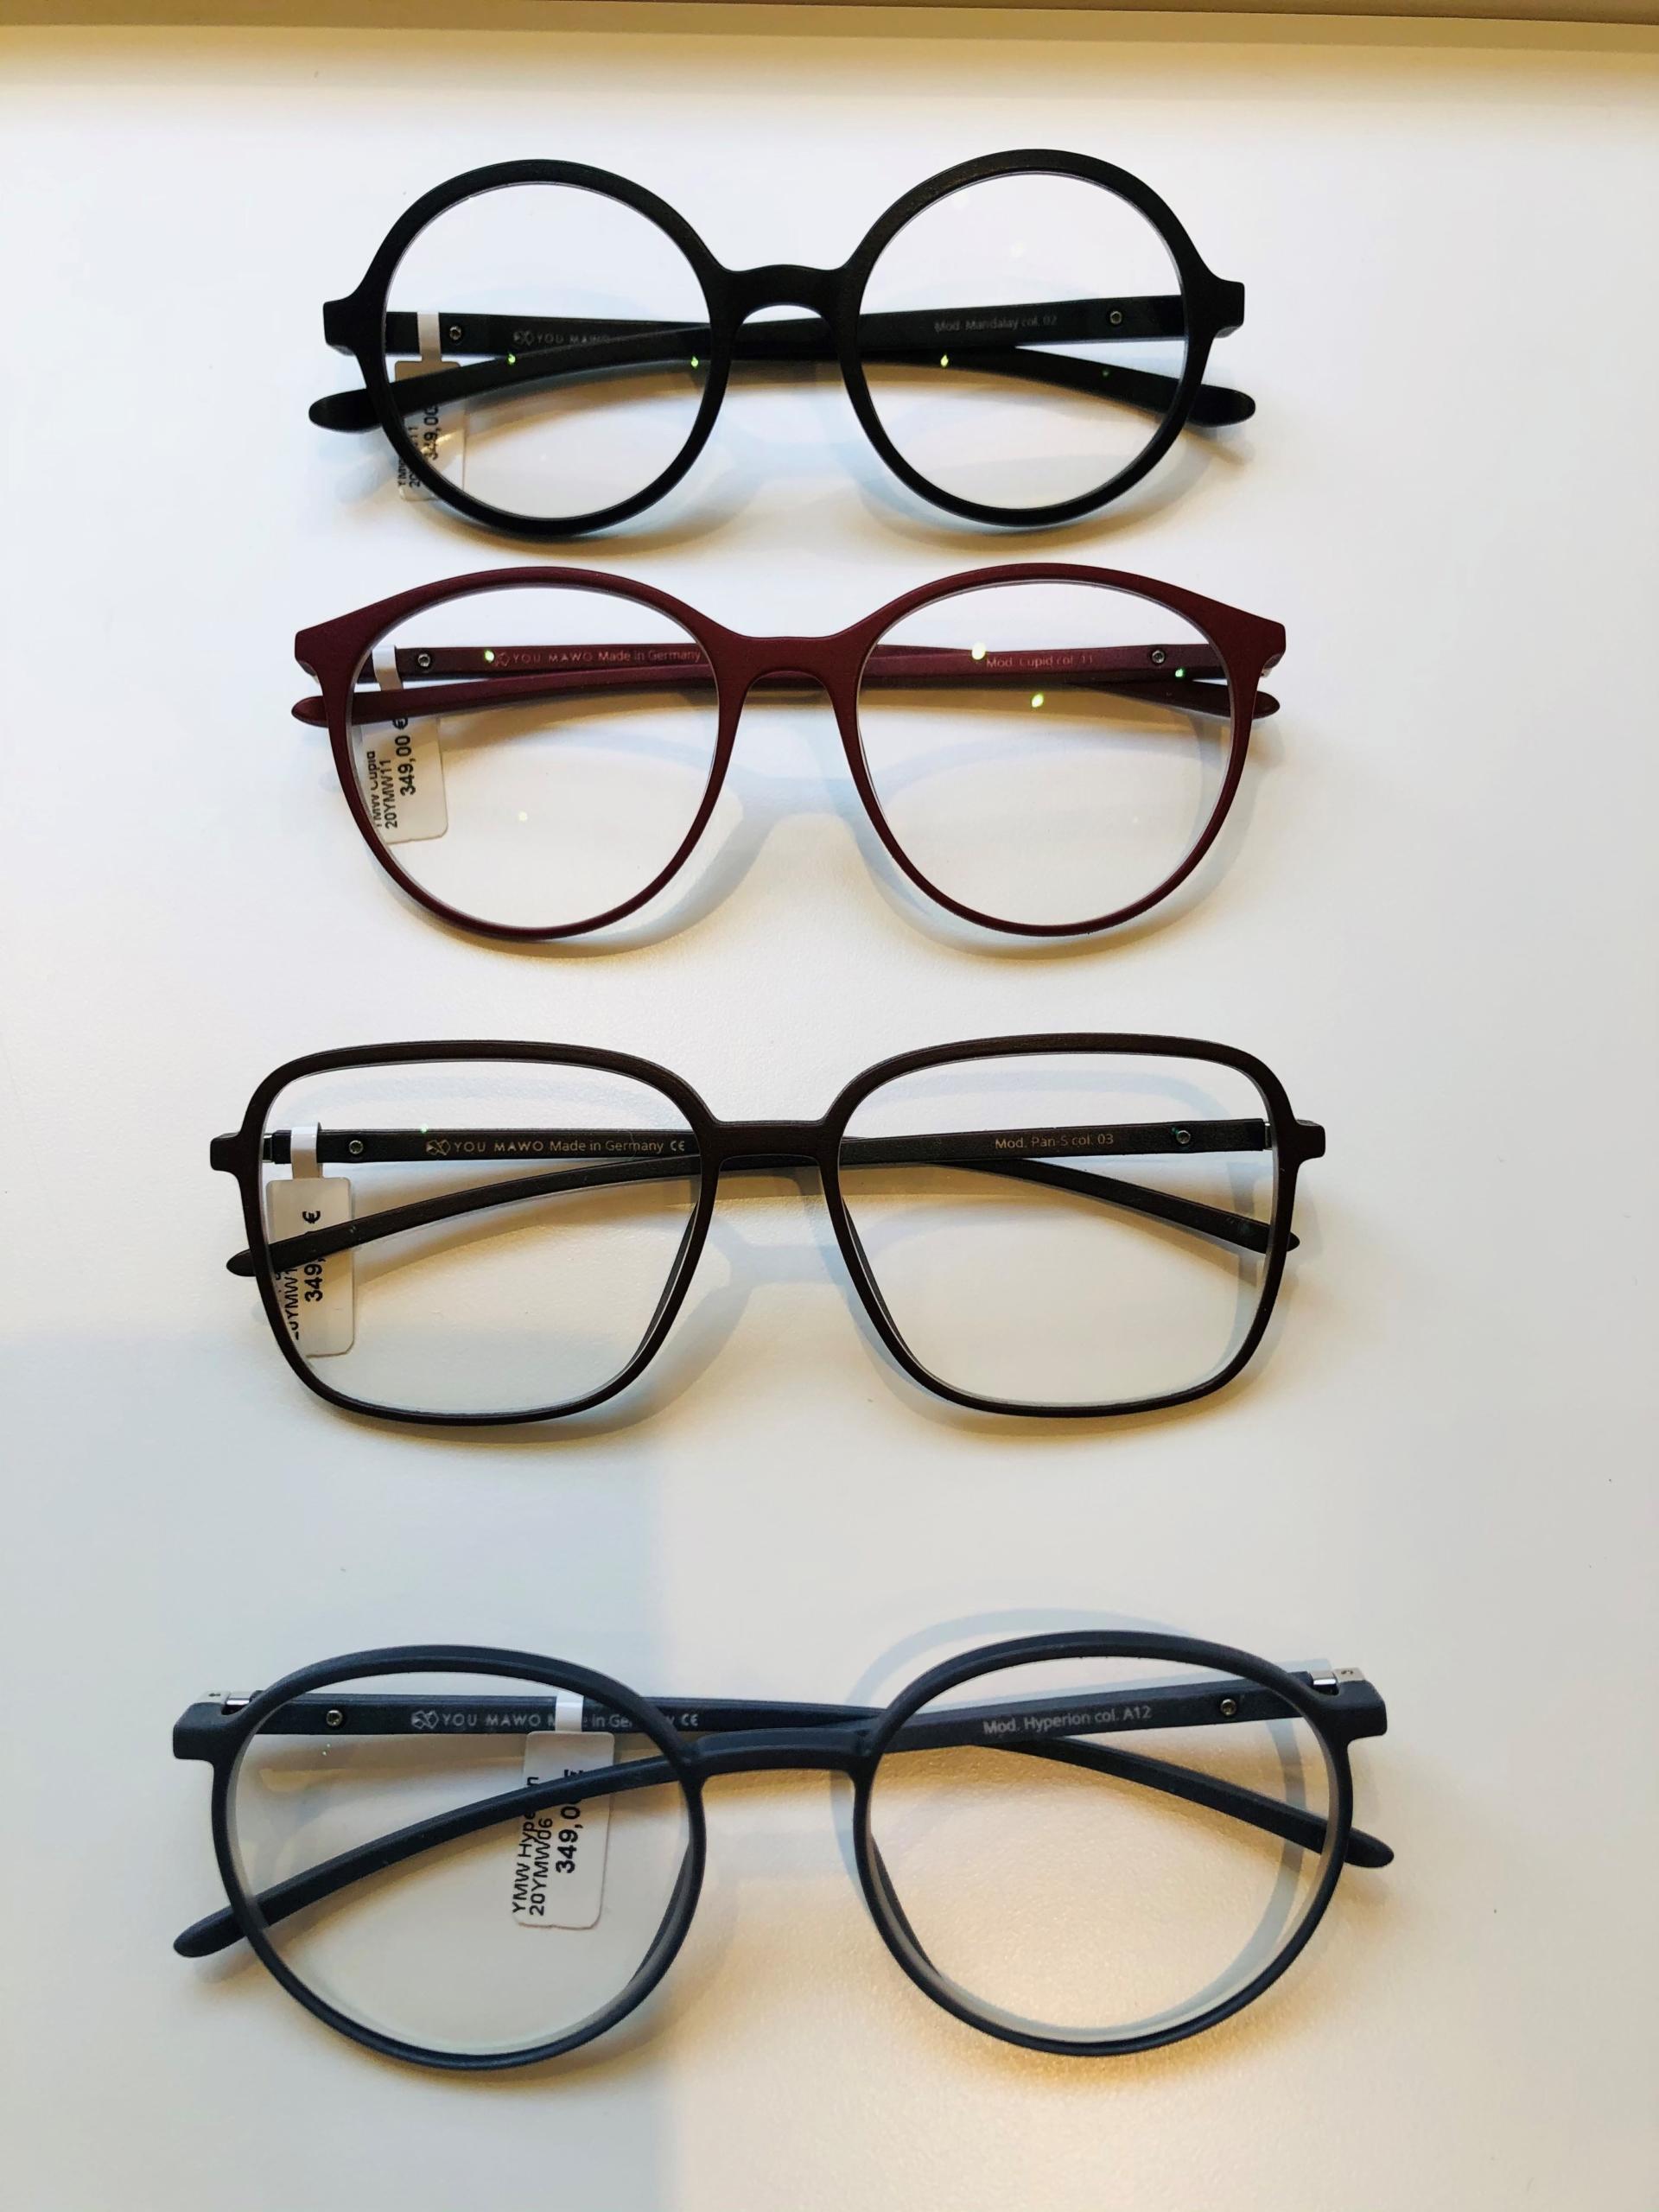 9_Schaufenster online_02122020_Optiker Augensache Brille Kontaktlinse Friedberg_ANDY WOLF_YOUMAWO